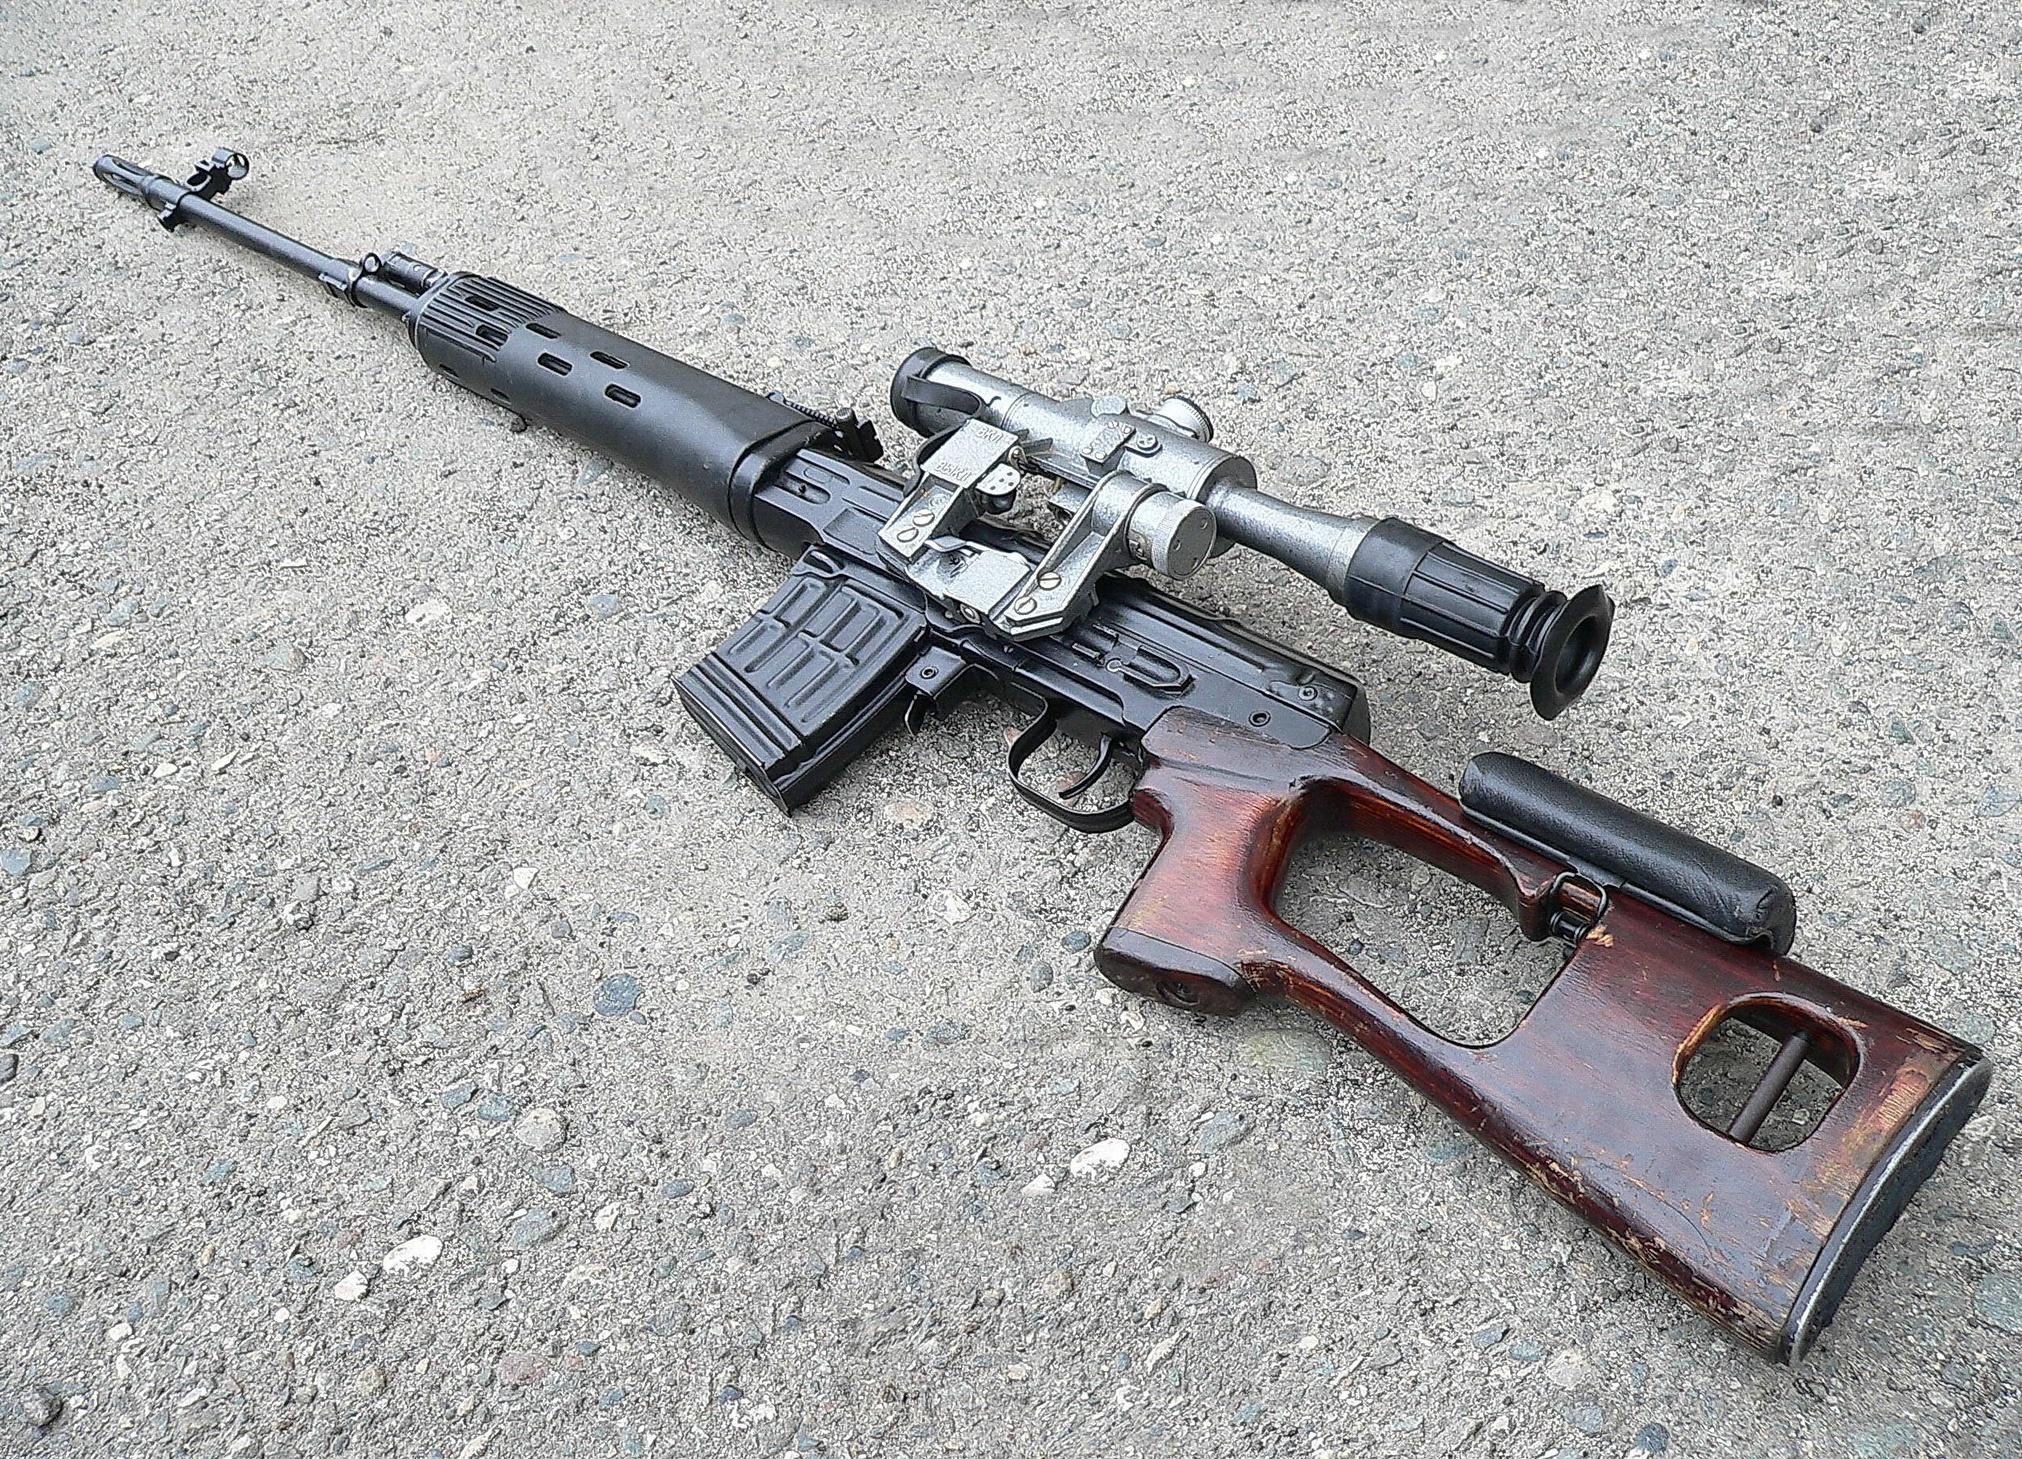 Самозарядная снайперская винтовка Драгунова СВД (СССР-Россия)